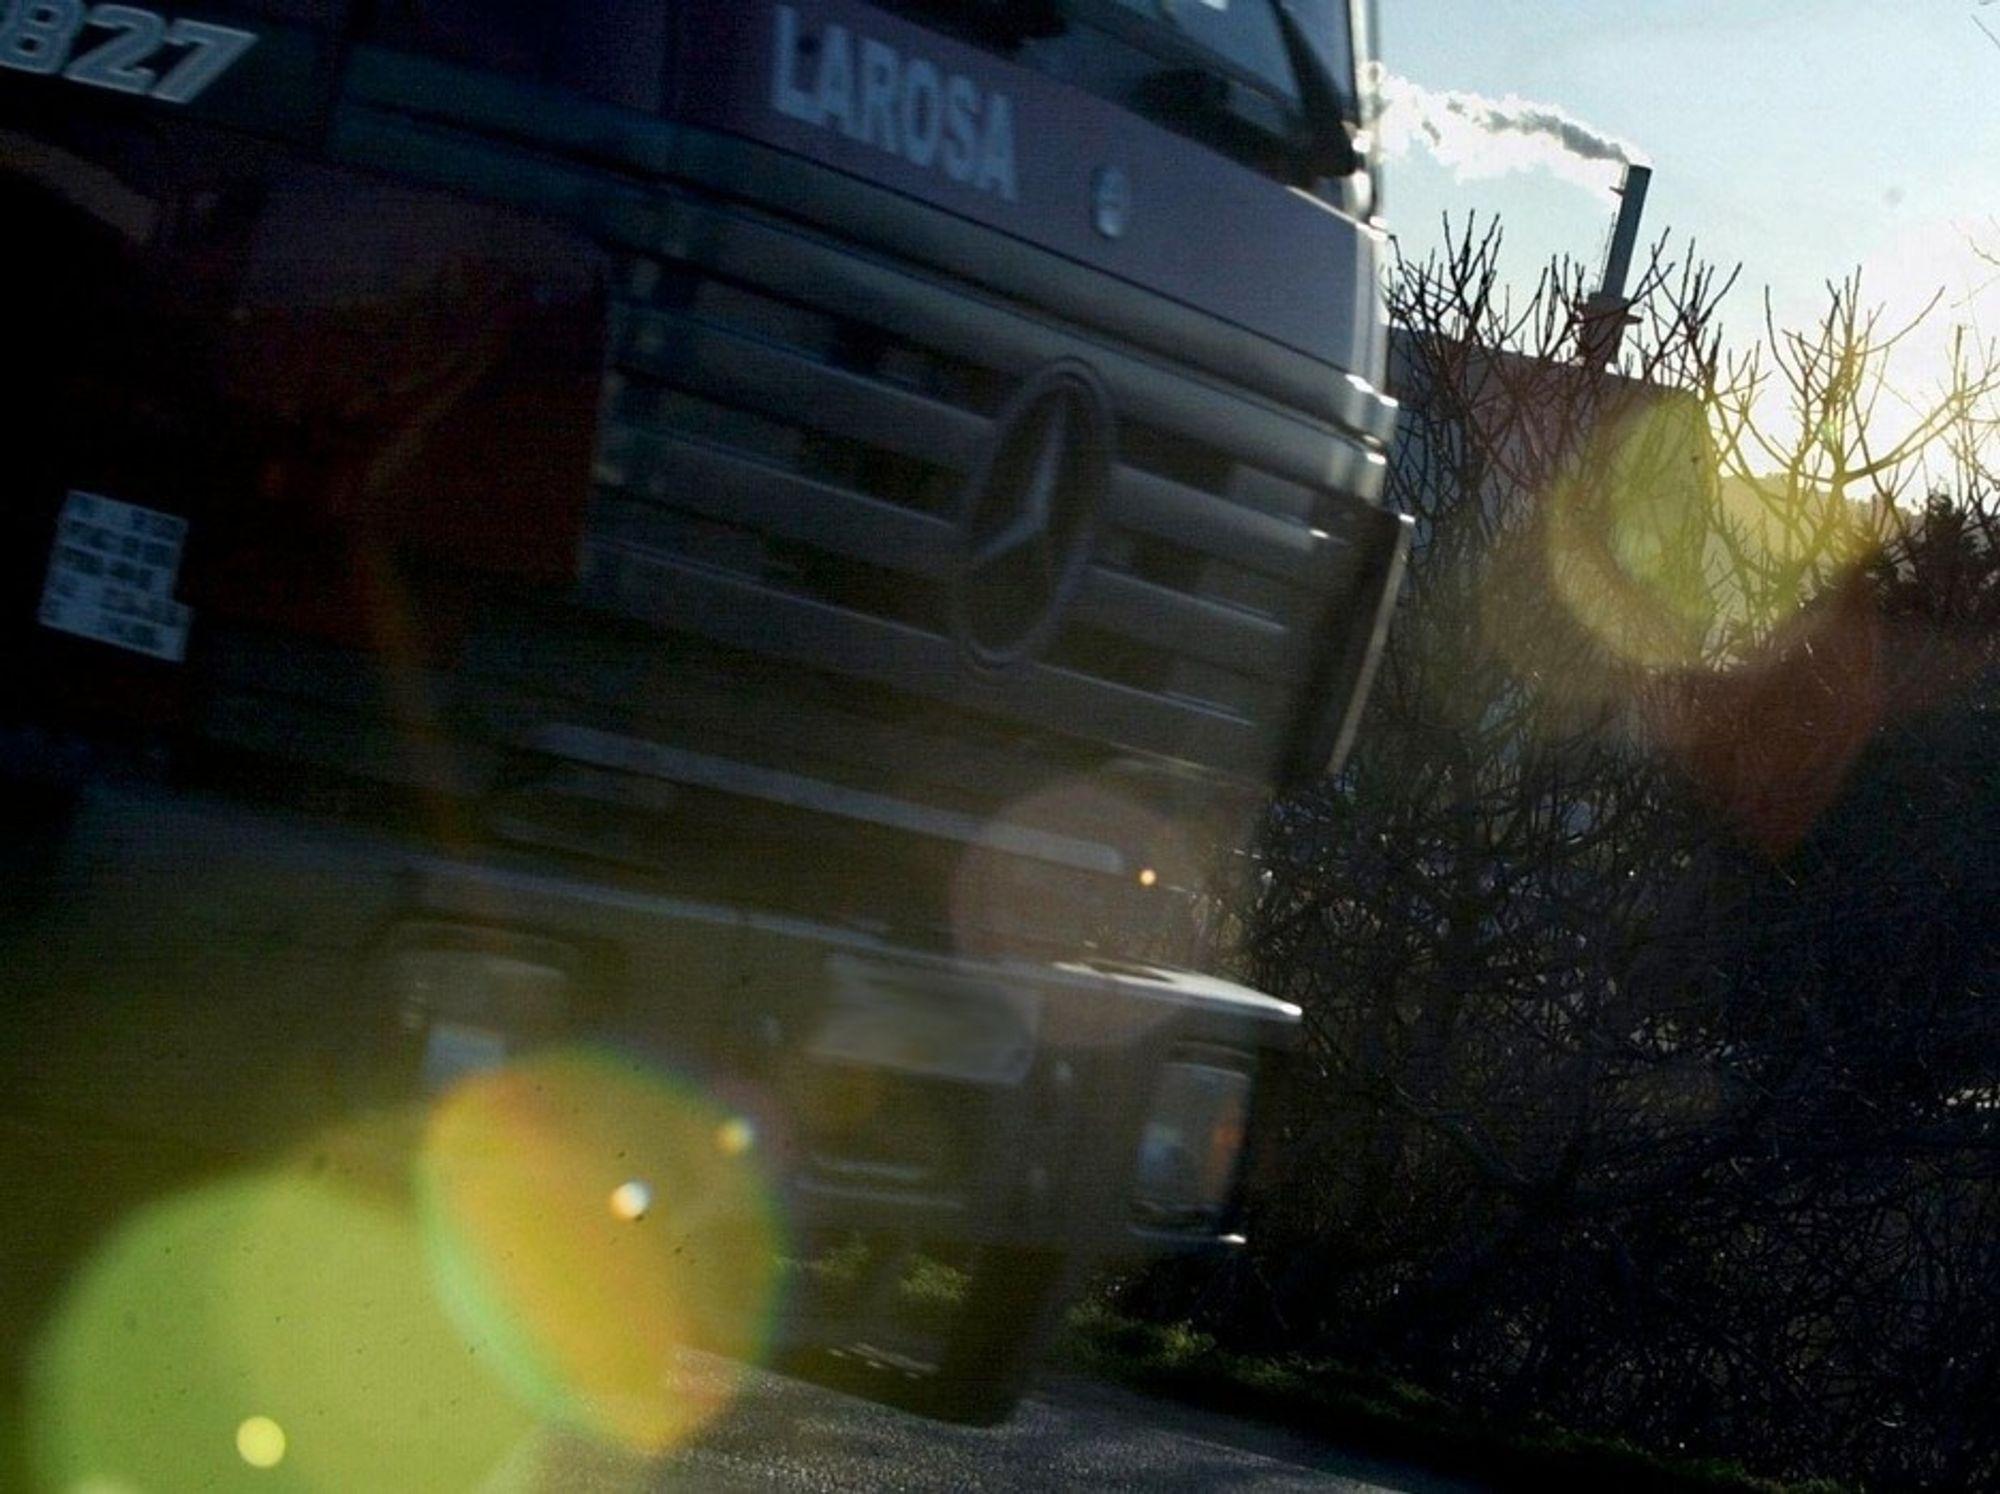 FREKKE: Tyvene brøt opp garasjedøren til fabrikken, rygget en lastebil inn i lokalet og brukte sannsynligvis en av Kabelgranulerings trucker for å laste over åtte tonn kobber.